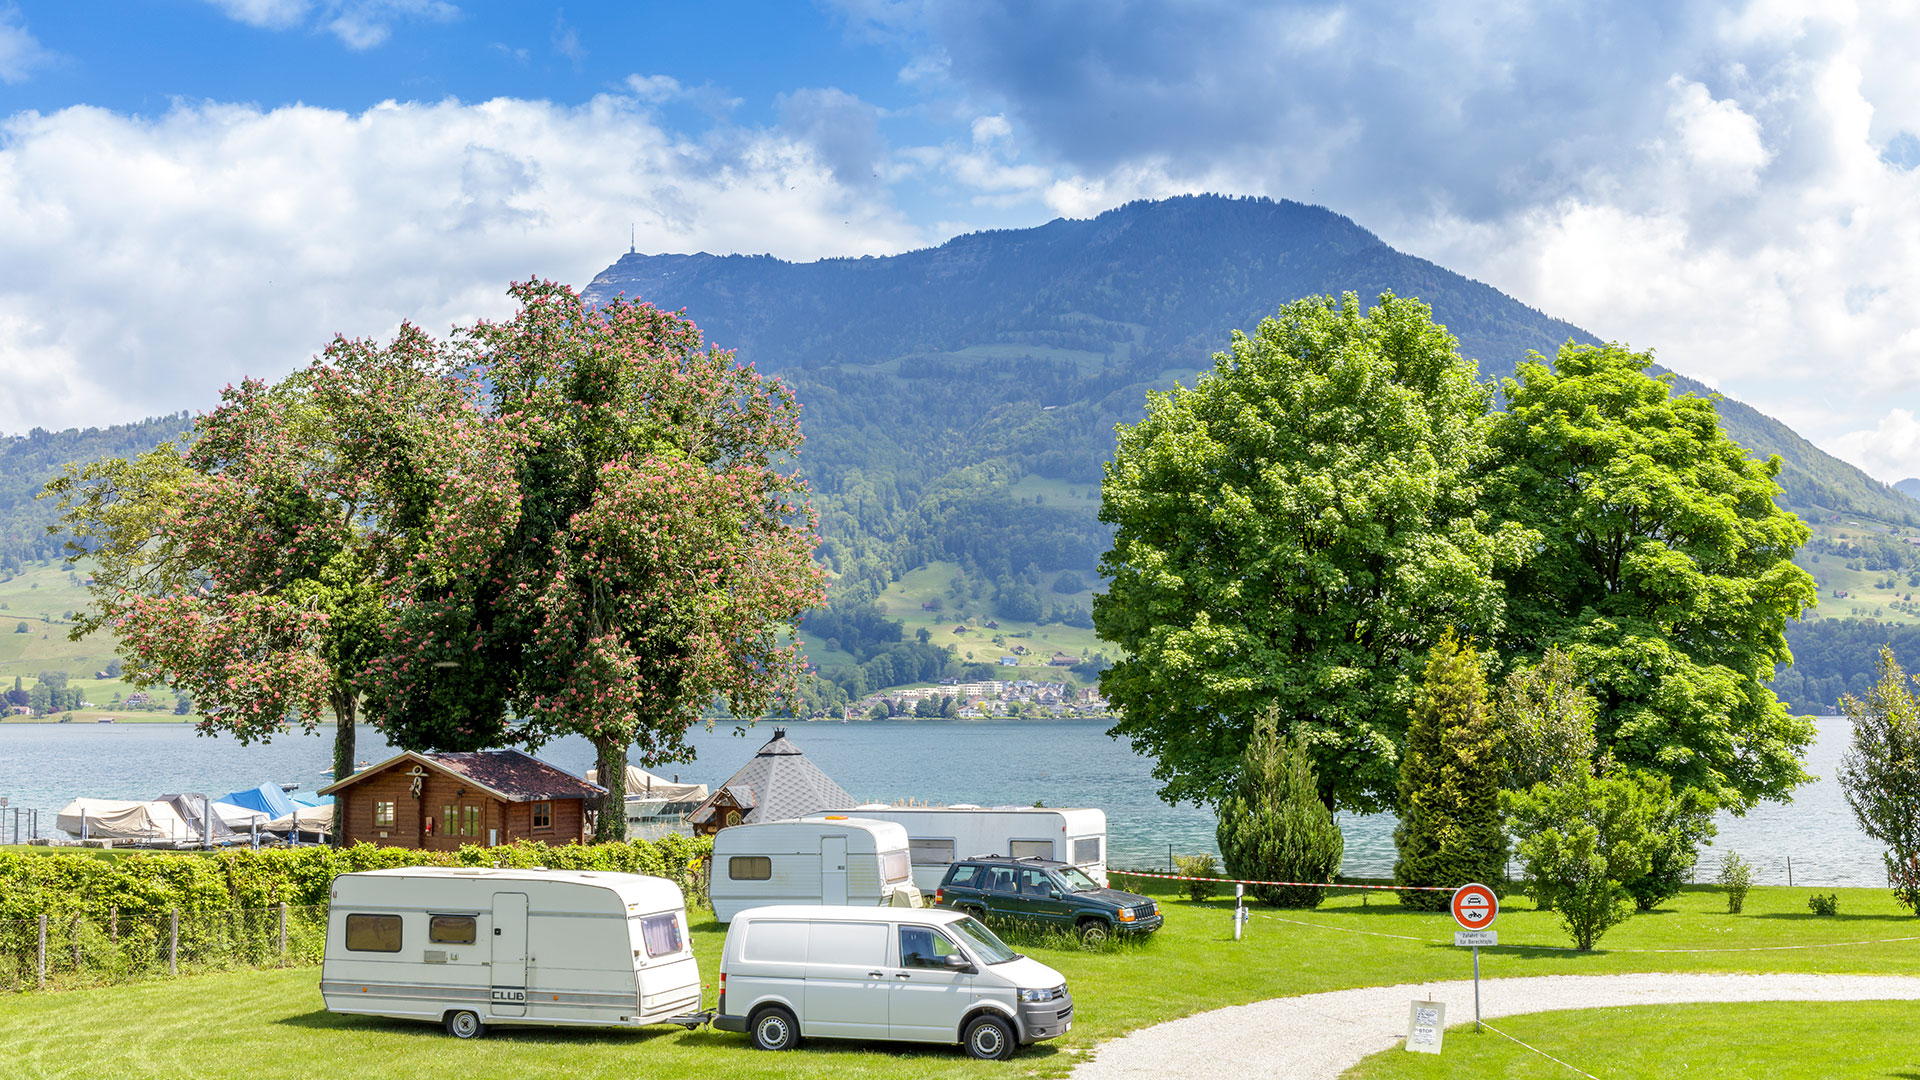 Merlischachen Camping